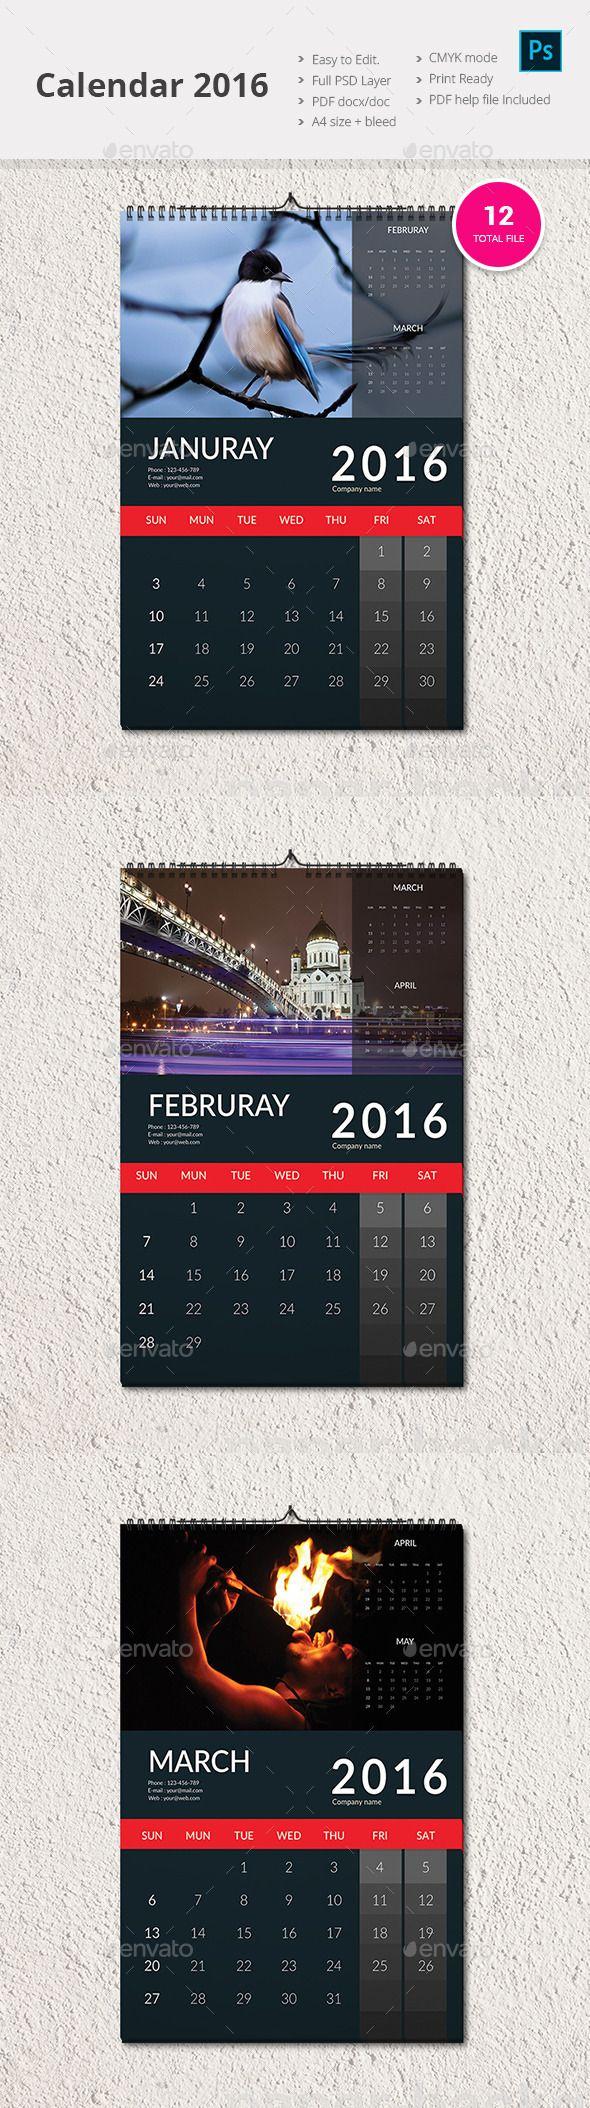 Wall Calendar 2016 Template PSD #design Download: http://graphicriver.net/item/wall-calendar-2016/13721964?ref=ksioks